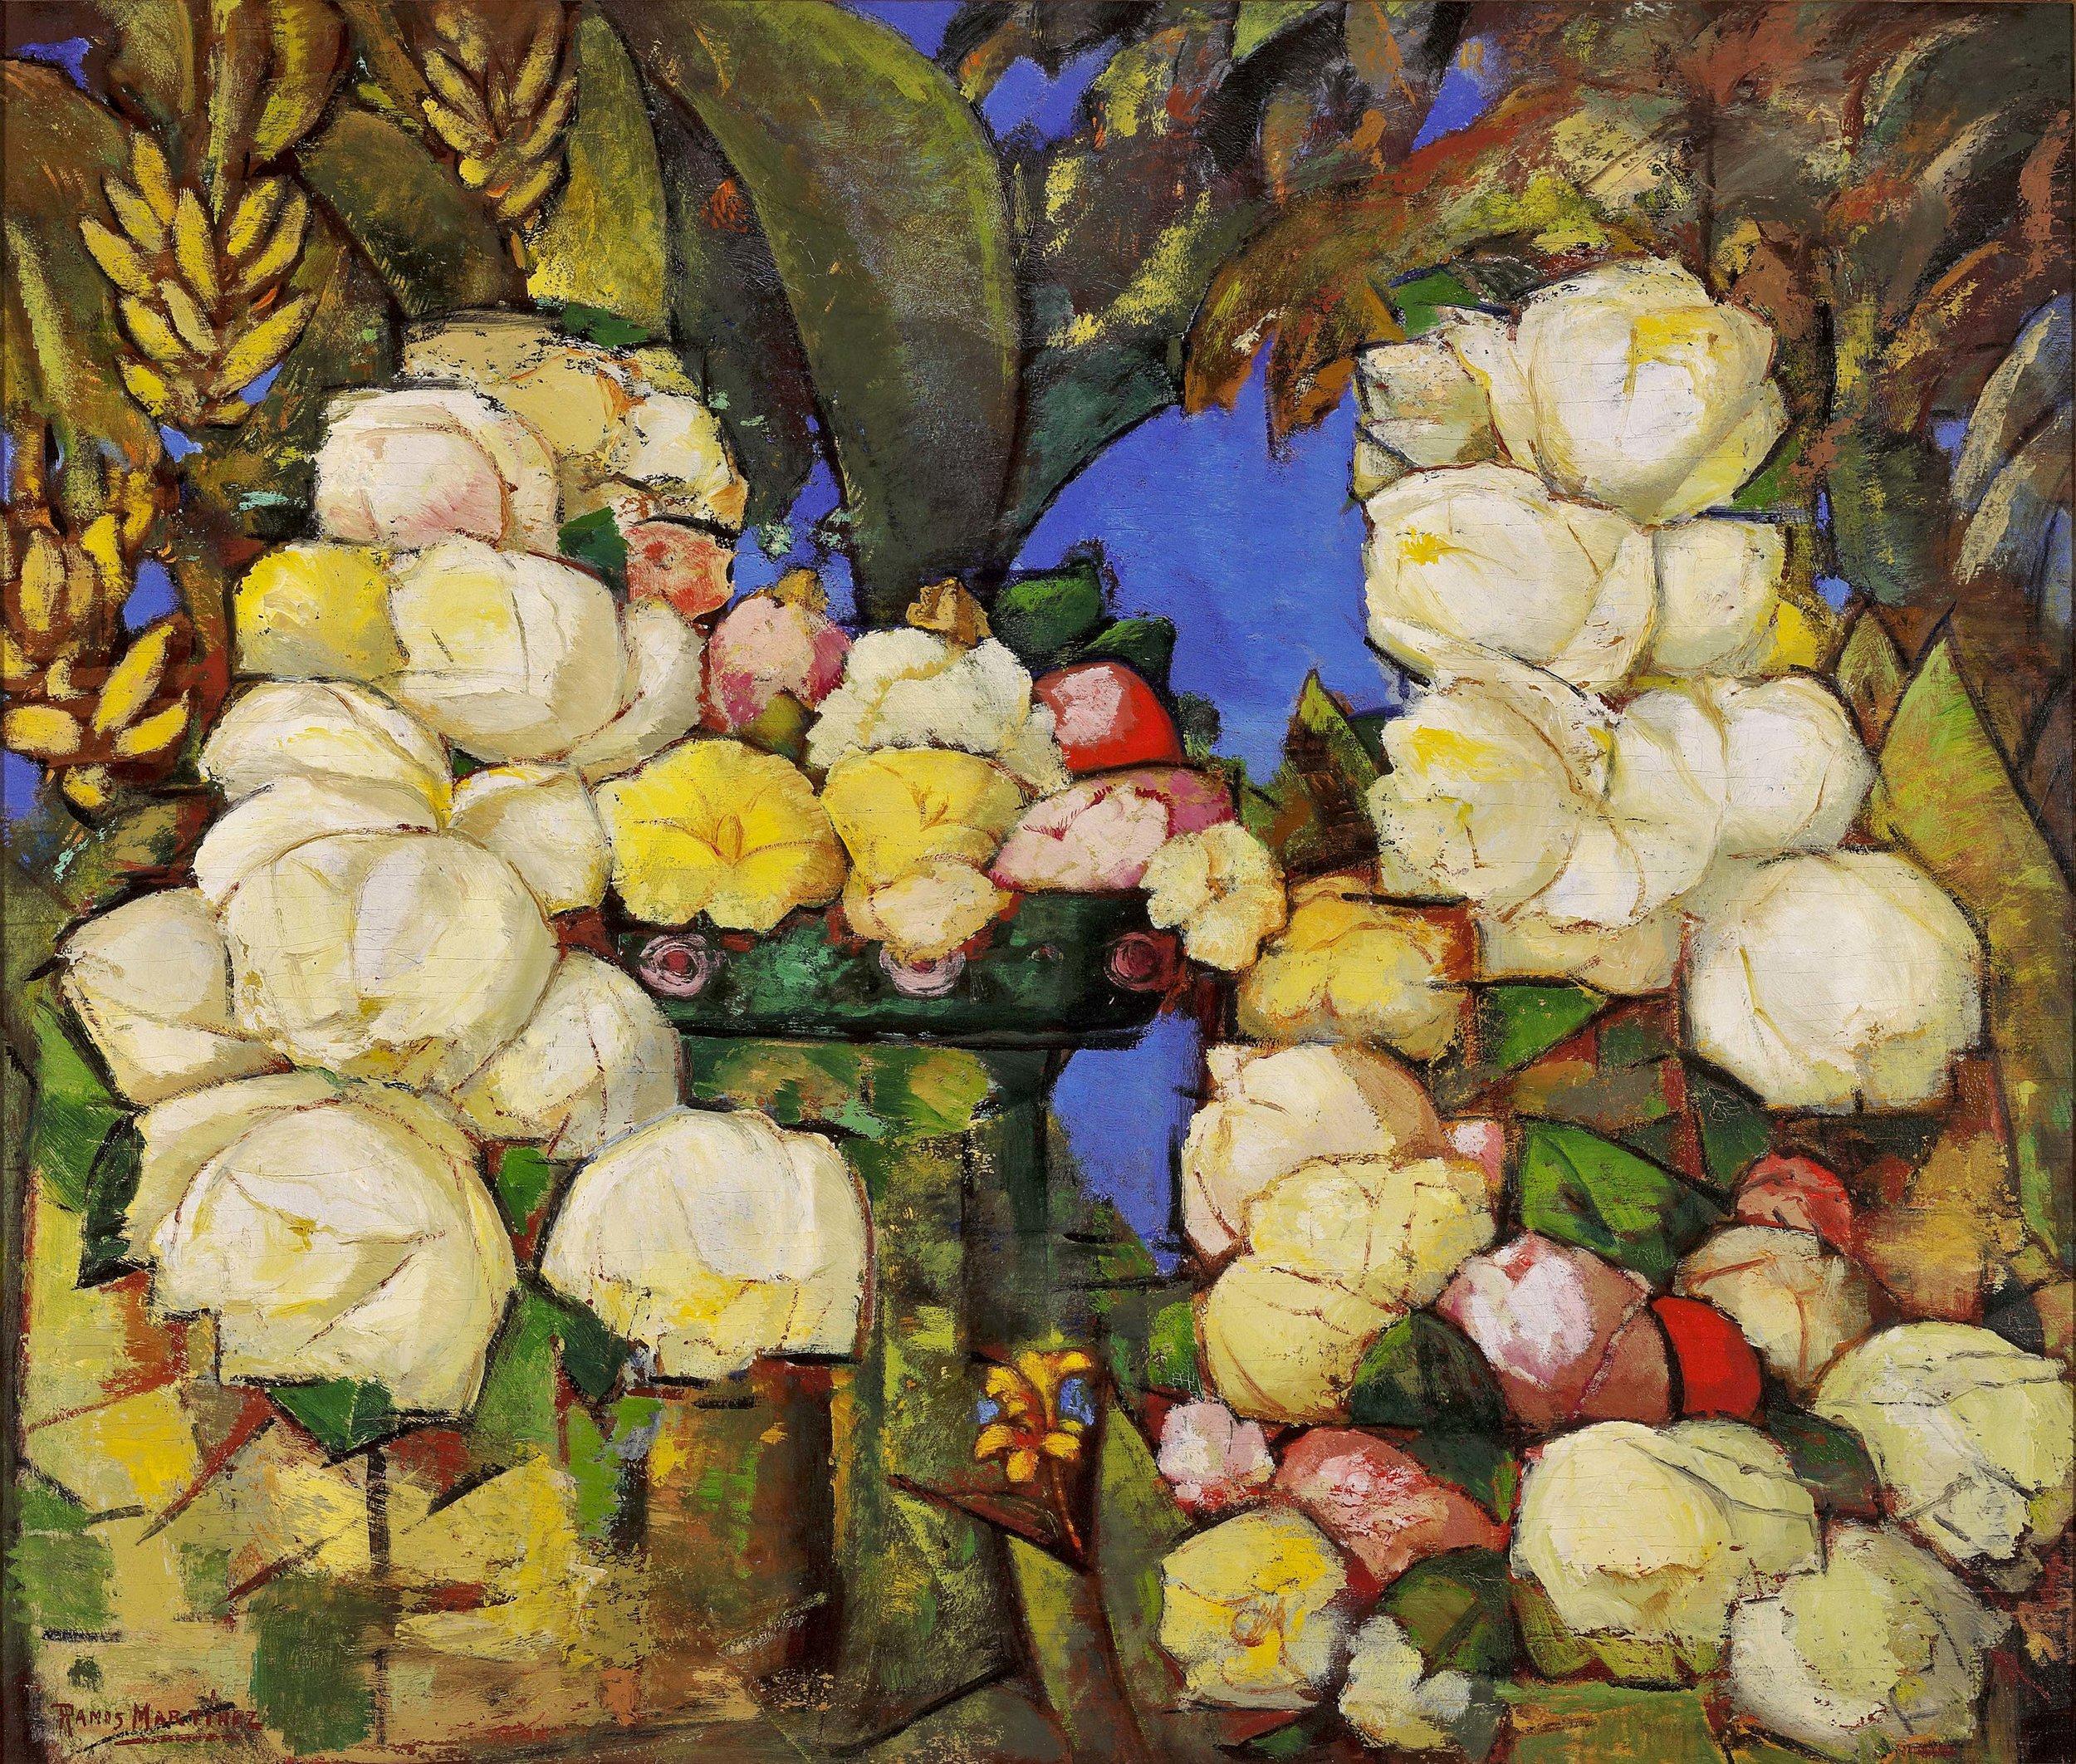 Flores Composición / Floral Composition  ca. 1935 oil on board / óleo sobre tabla 24 x 28 inches; 61 x 71.1 centímetros Private collection